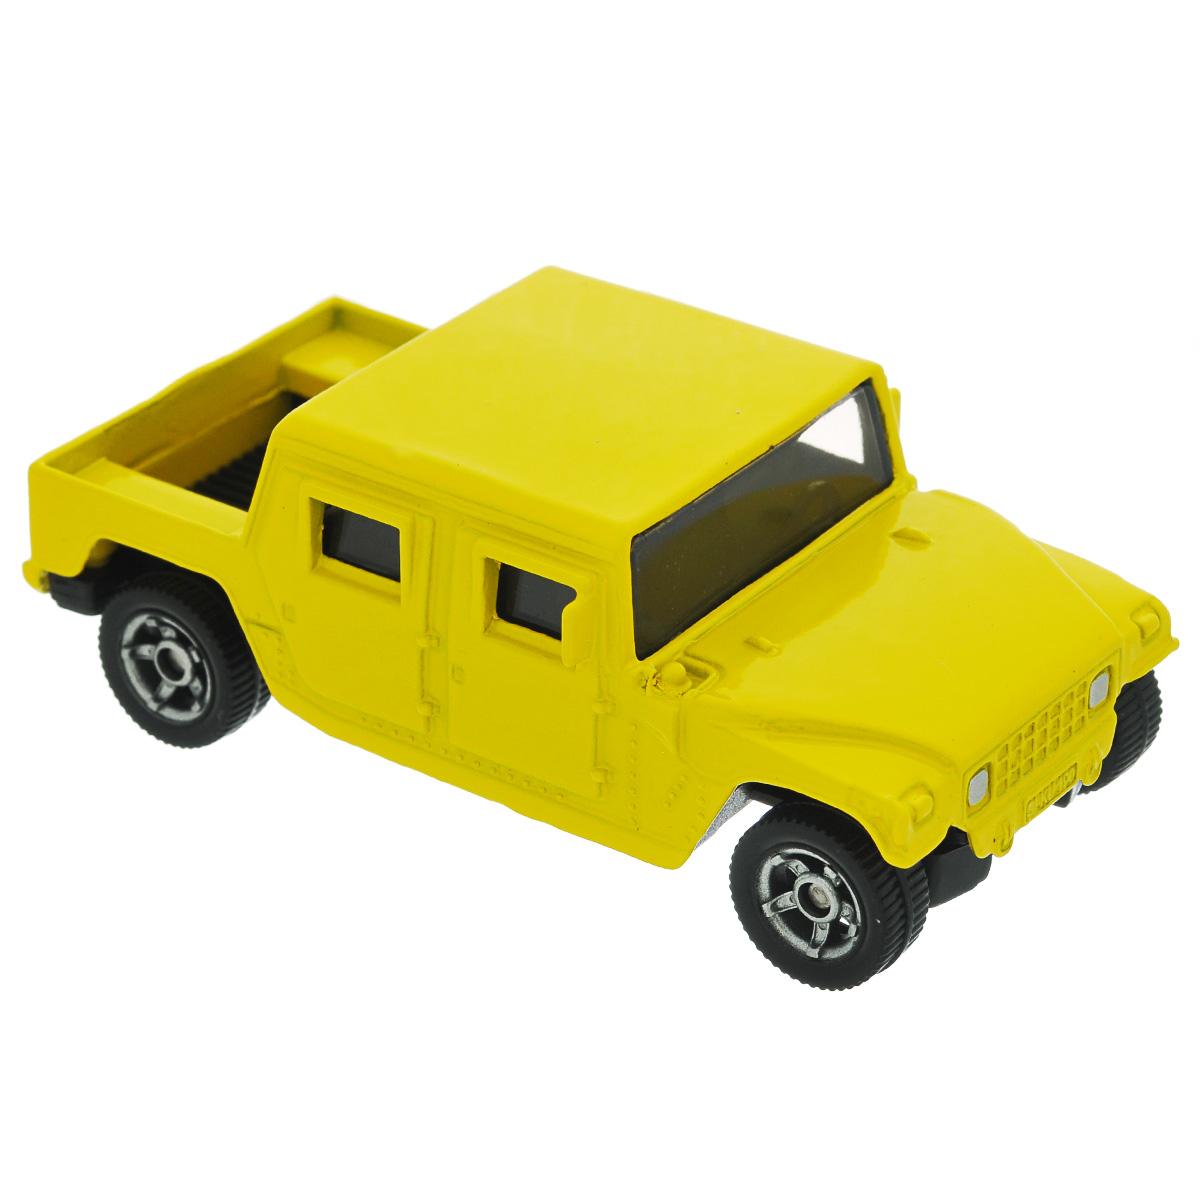 Siku Машинка Canyon0880Коллекционная модель Siku Sikucanyon представляет собой уменьшенную копию реалистичной машины. Такая модель понравится не только ребенку, но и взрослому коллекционеру, и приятно удивит вас высочайшим качеством исполнения. Модель выполнена из металла с элементами из пластика; прорезиненные колеса крутятся. Отличный подарок для любителей автомобилей!